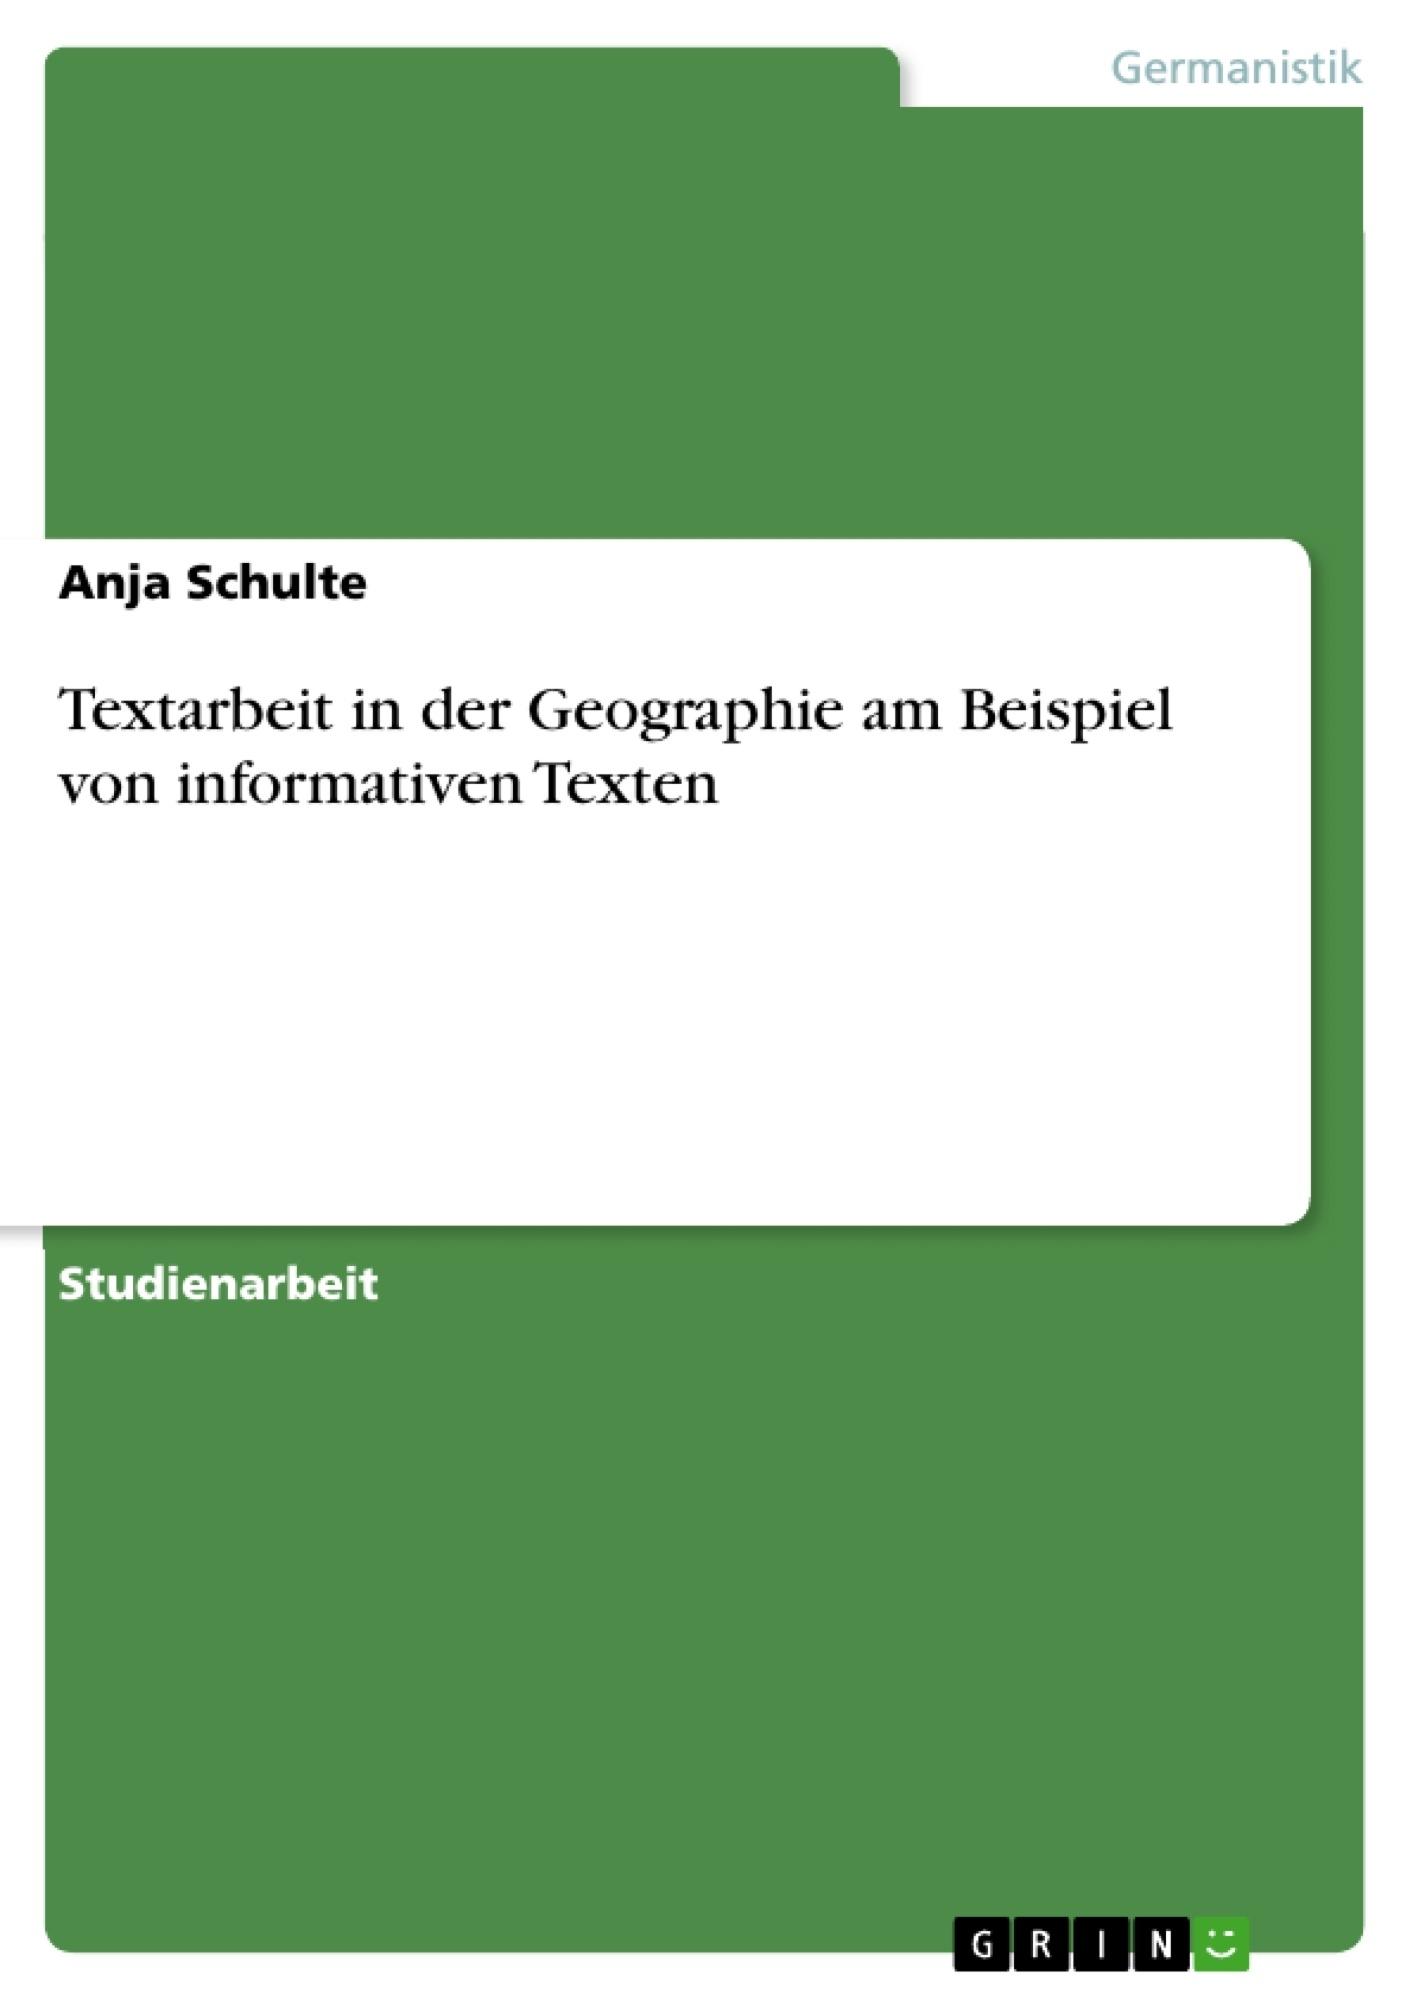 Titel: Textarbeit in der Geographie am Beispiel von informativen Texten